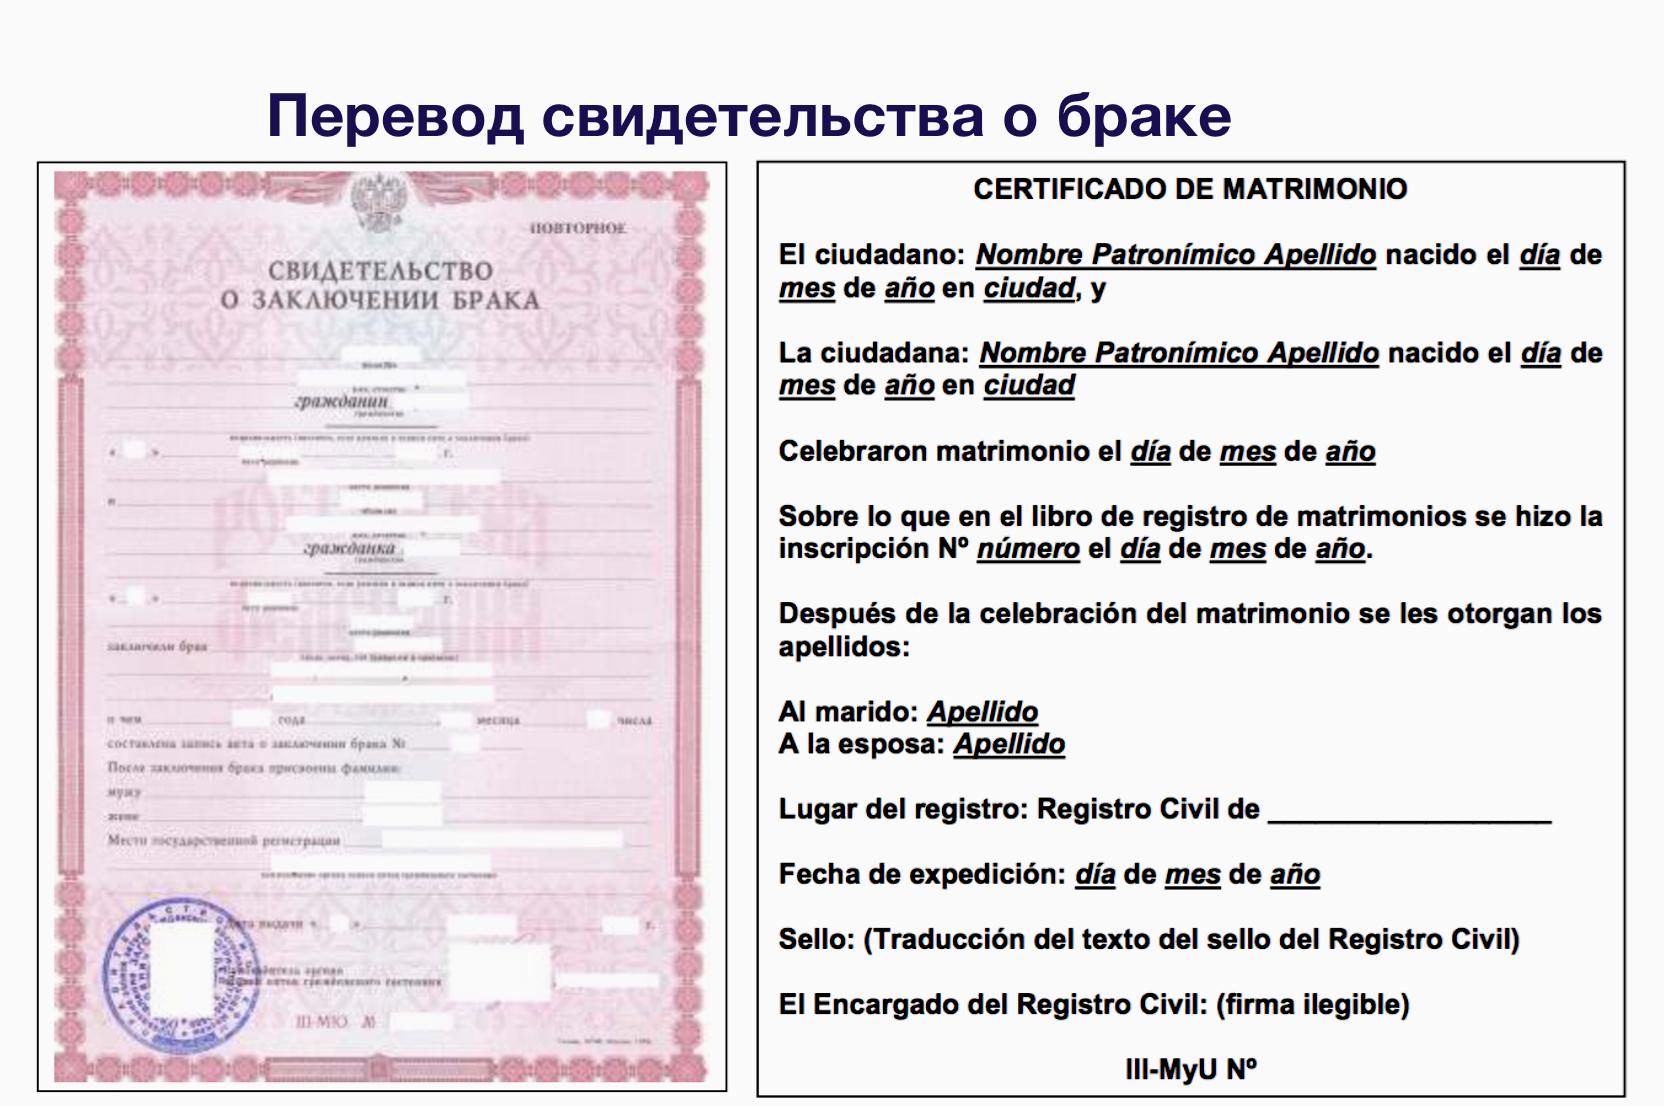 Консульство Испании в Москве испания свидетельство о браке